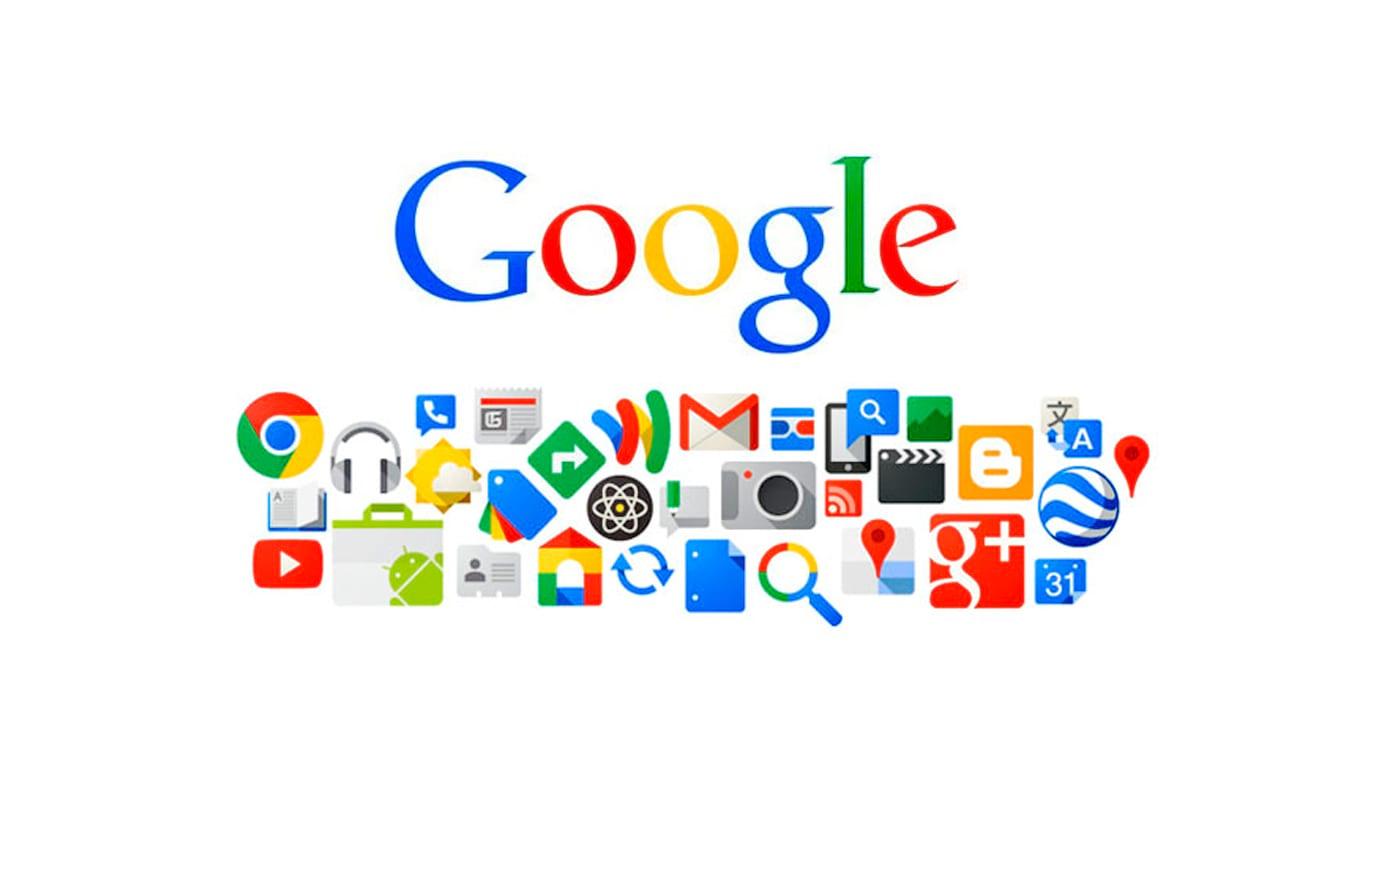 Na manhã de segunda-feira, os serviços Google tiveram problemas que impossibilitavam seu acesso.